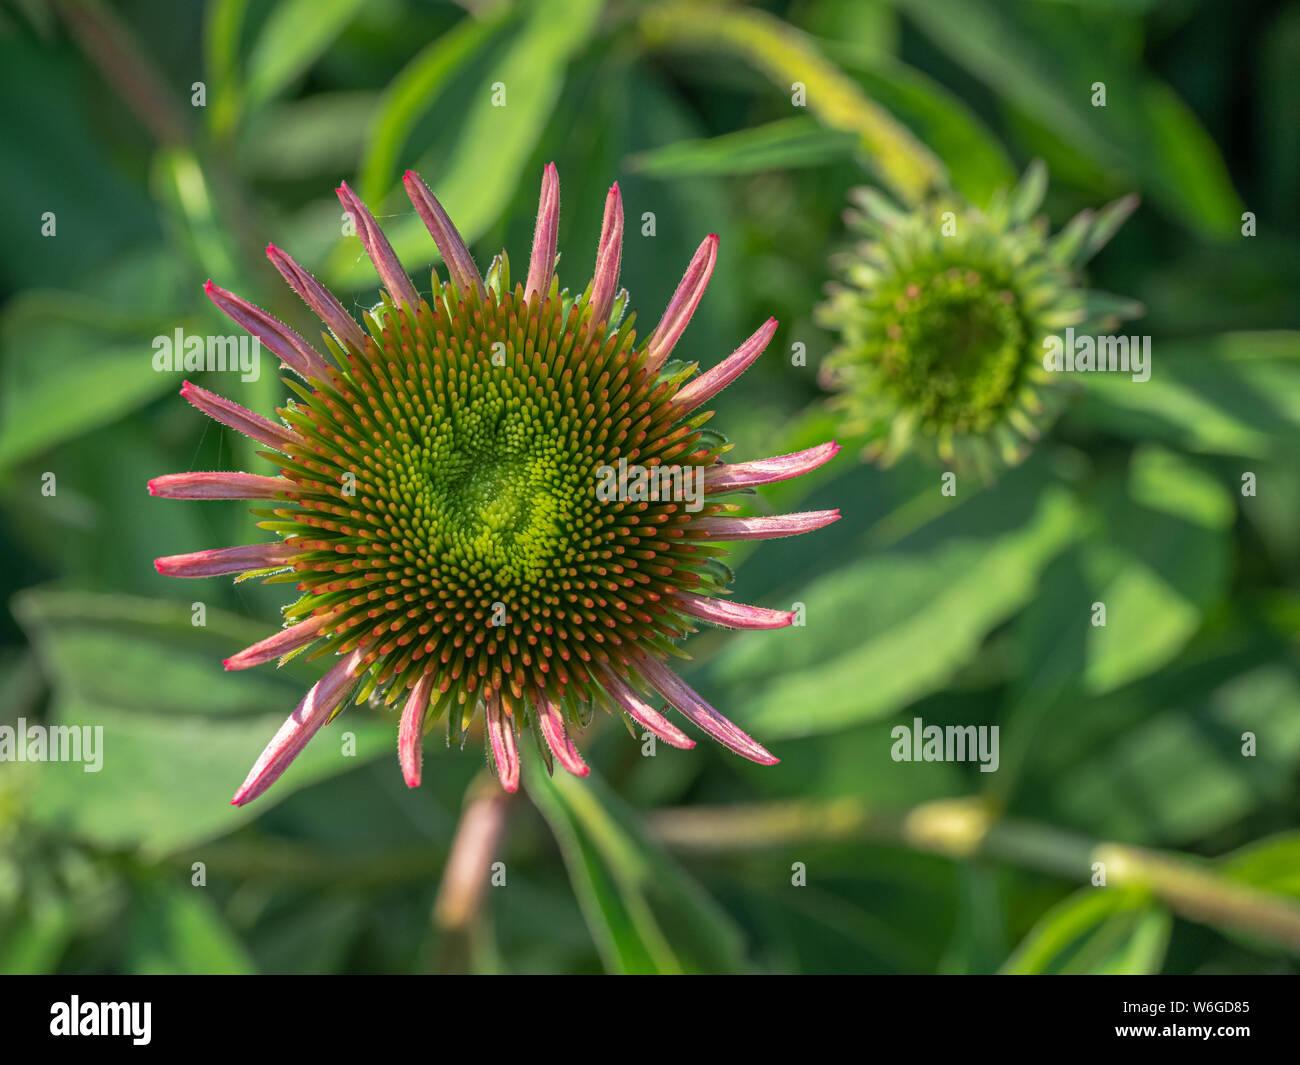 Close up en regardant une fleur d'échinacée (Echinacea) commence à s'ouvrir, avec soft focus- feuilles et fleurs d'une autre ouverture dans l'arrière-plan Banque D'Images